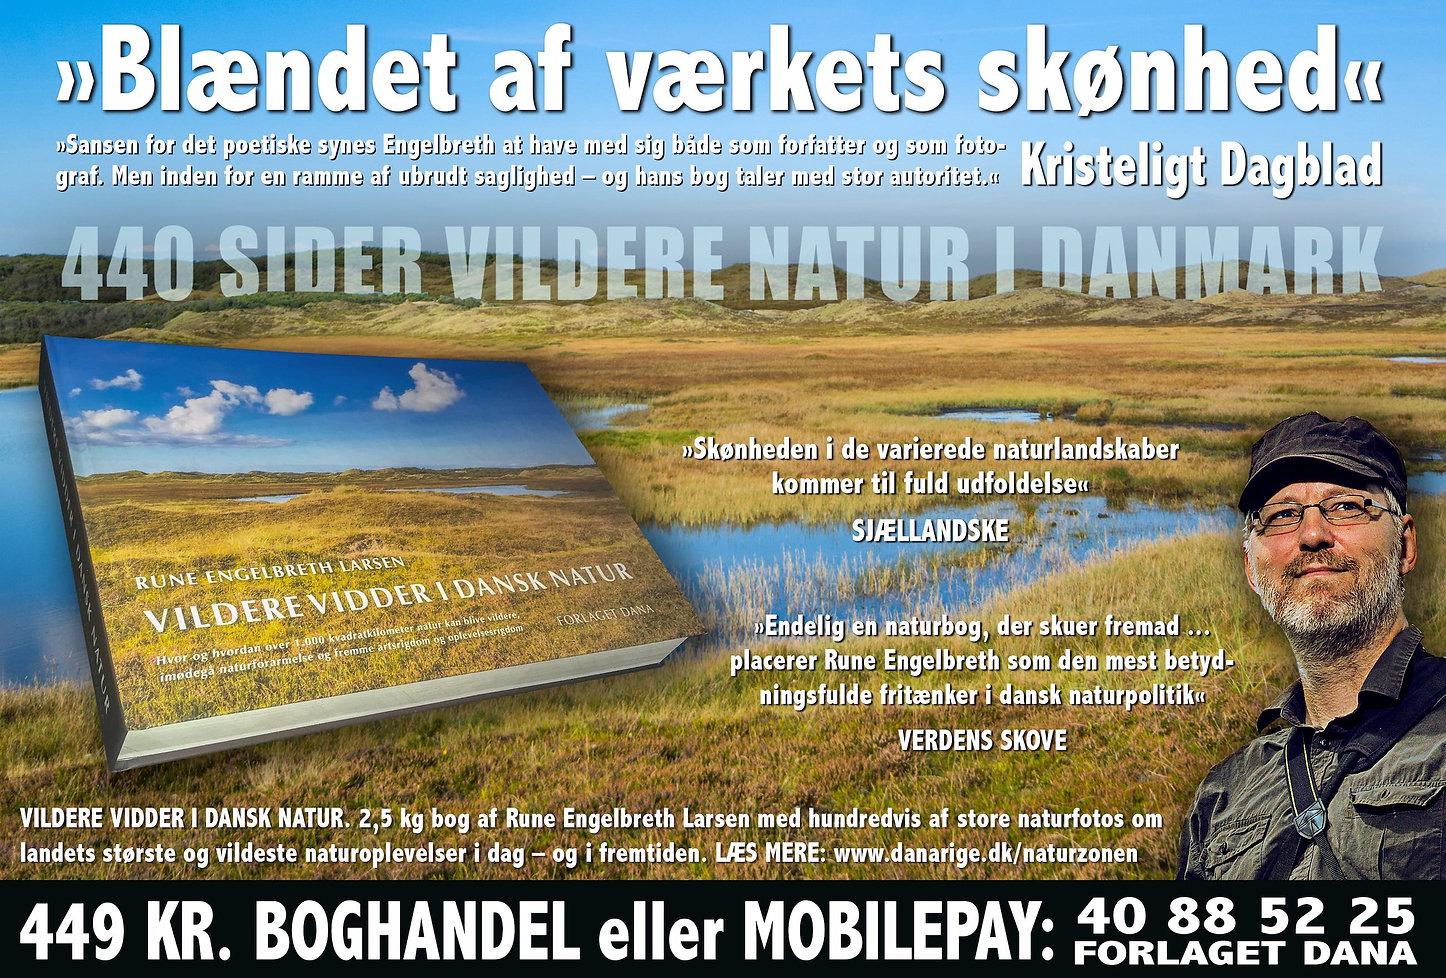 Køb 'Vildere vidder i dansk natur'